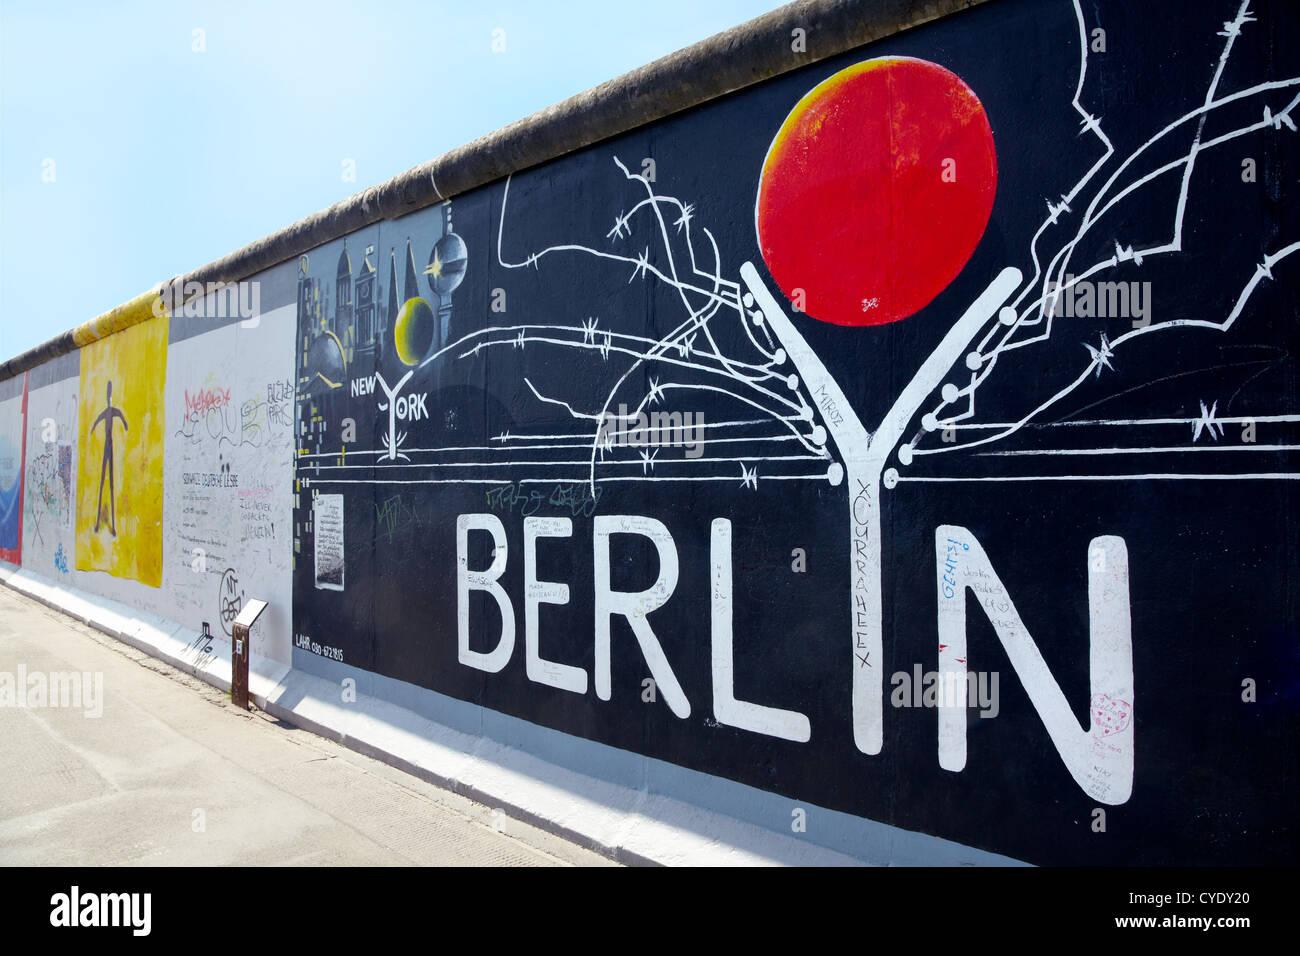 East side Gallery, graffiti in Berlin - Stock Image